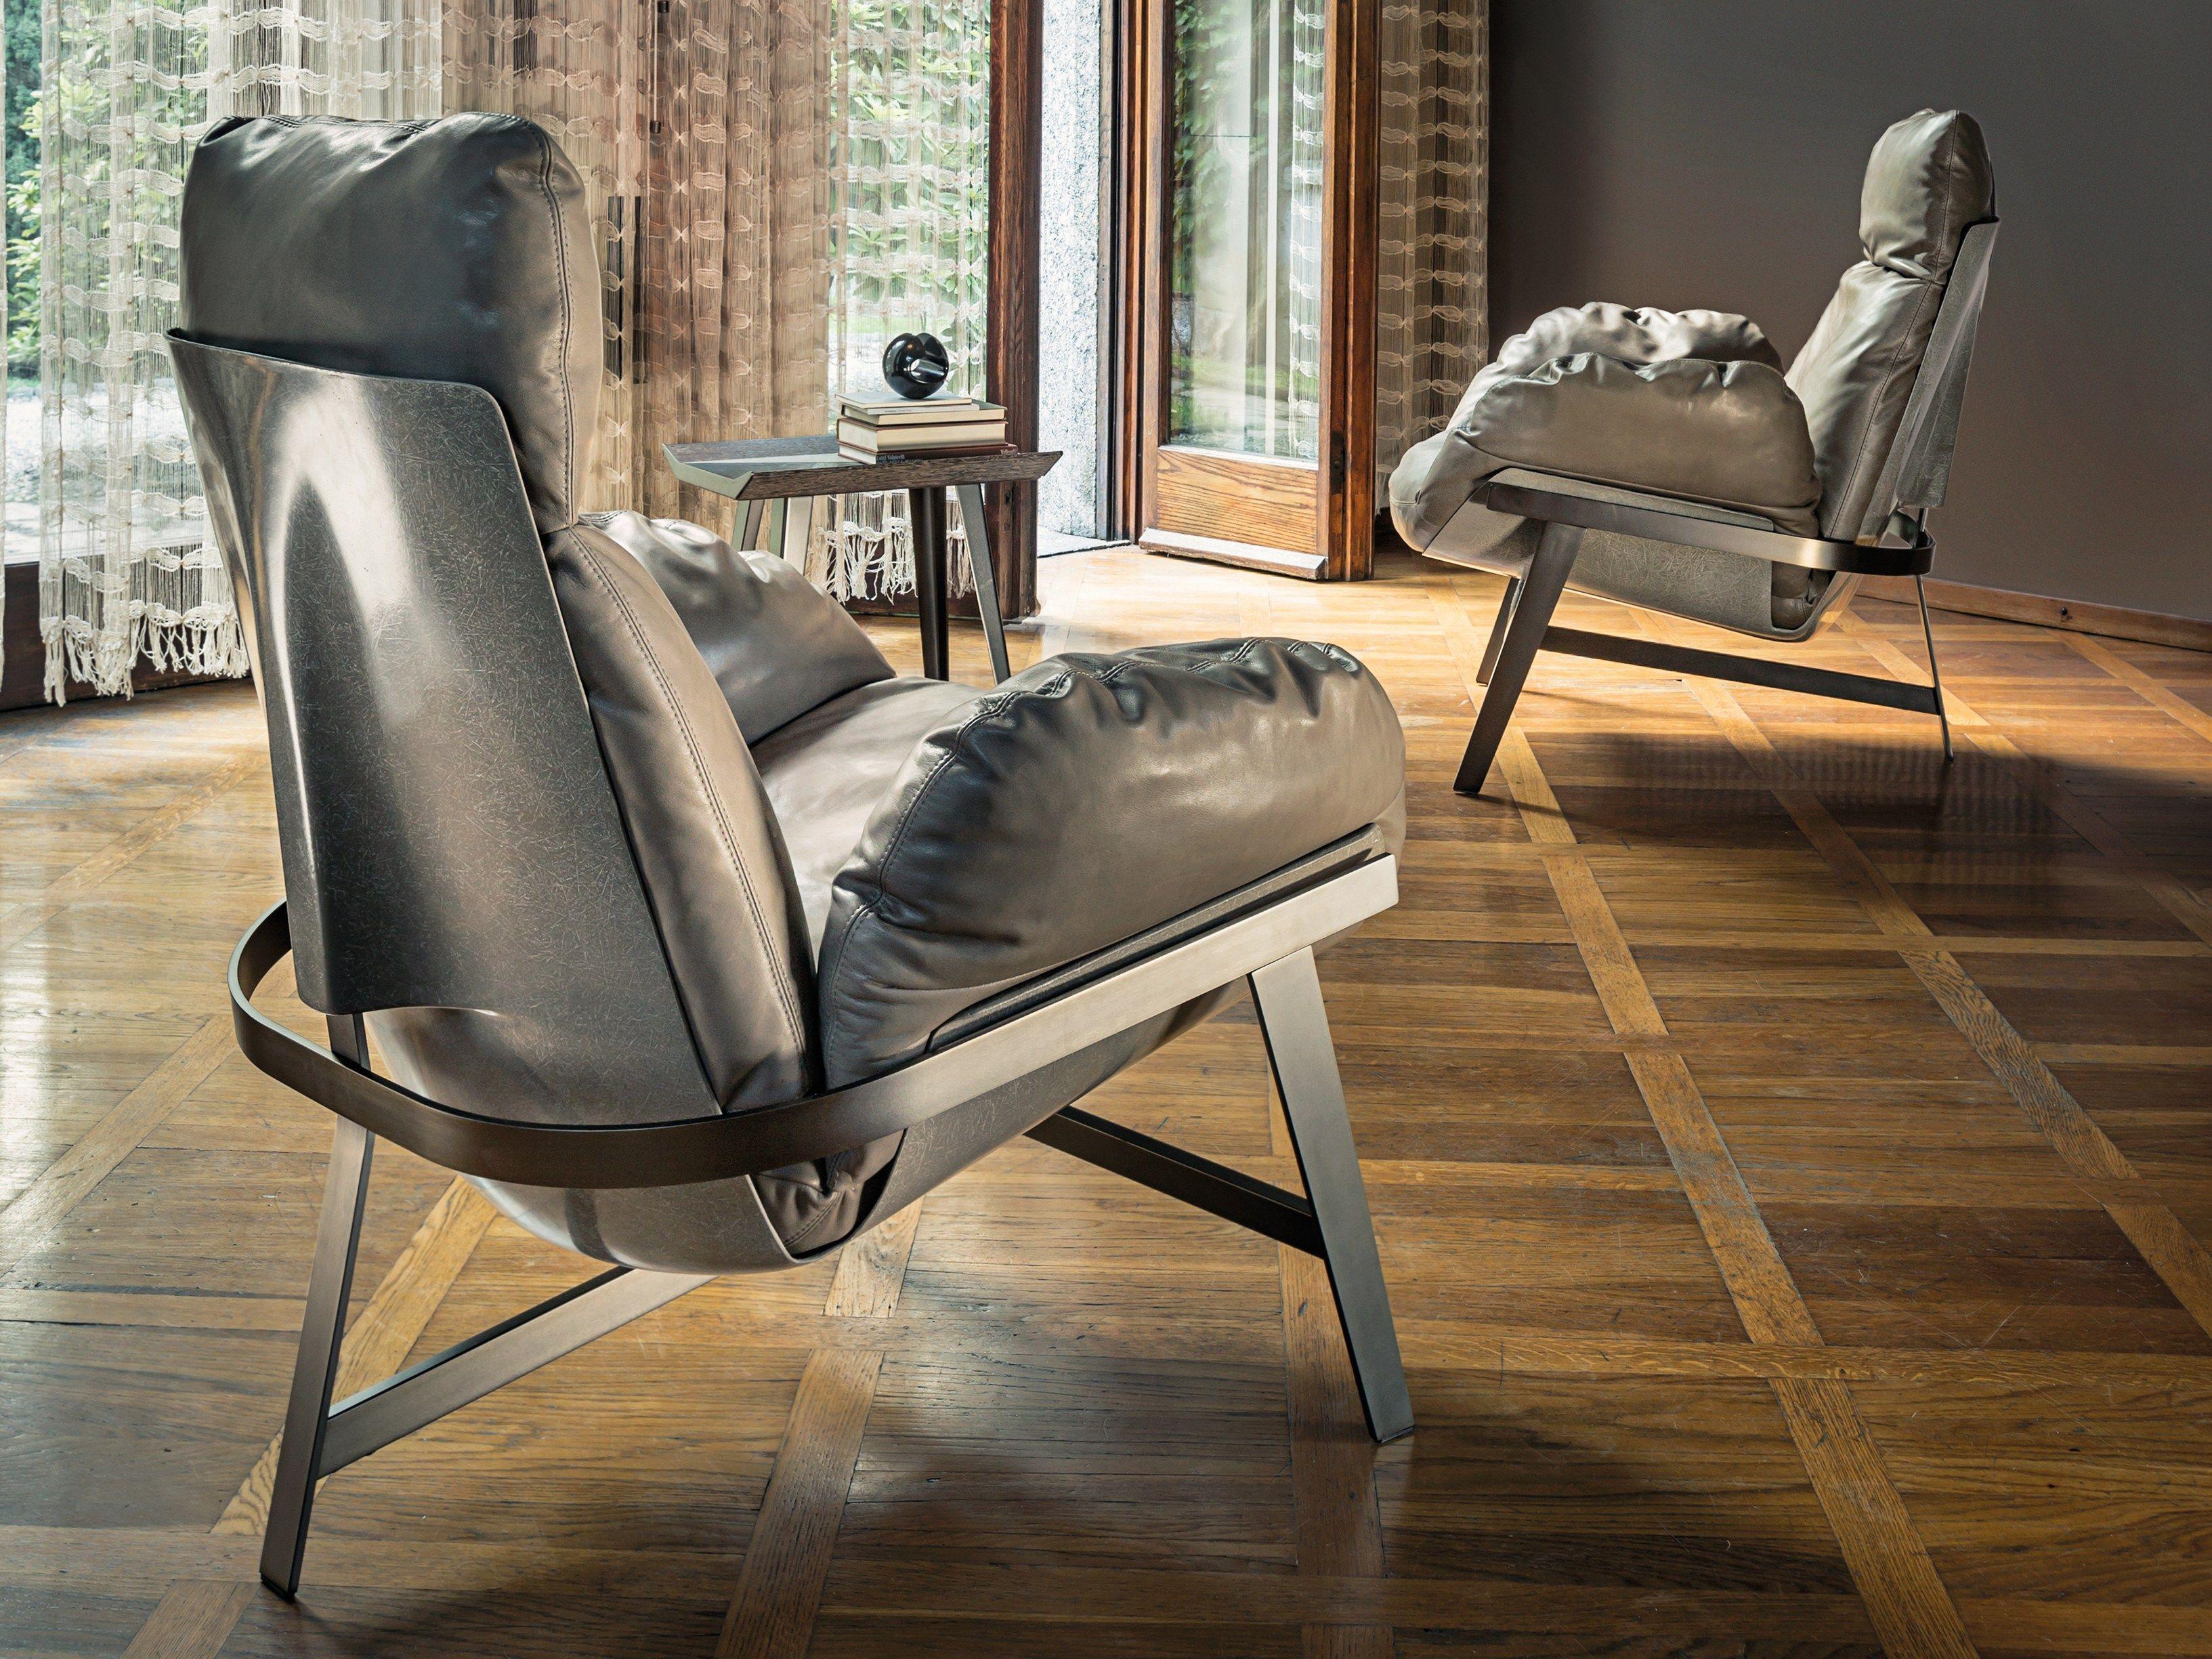 De jupiter armchair is een hoogwaardig afgewerkte luxe design